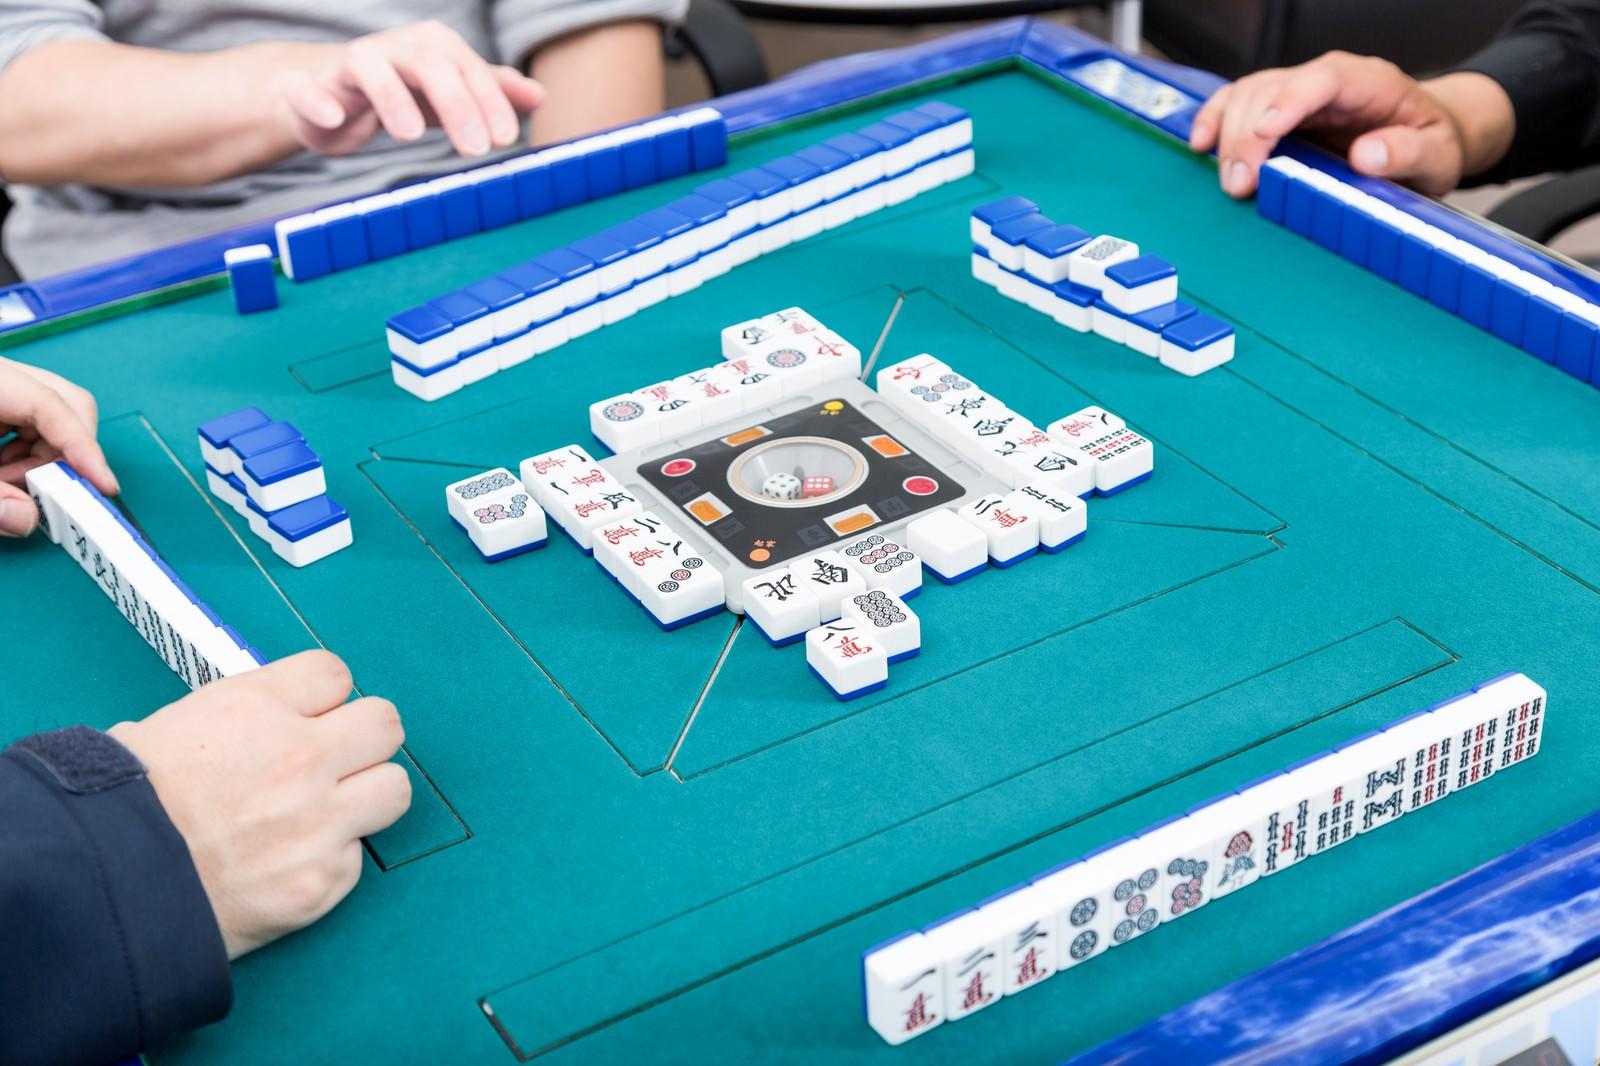 「日常的な麻雀対局の画像日常的な麻雀対局の画像」のフリー写真素材を拡大